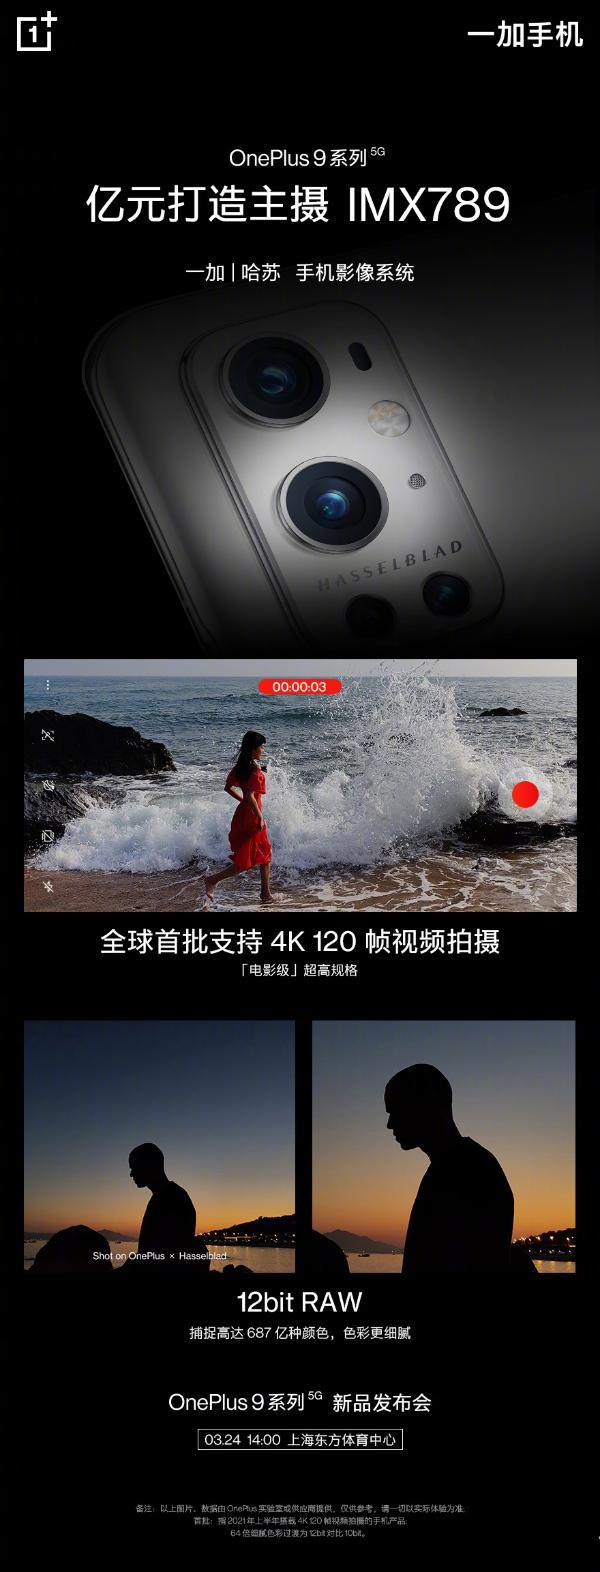 一加9相机官宣:花费亿元打造 独占顶级主摄